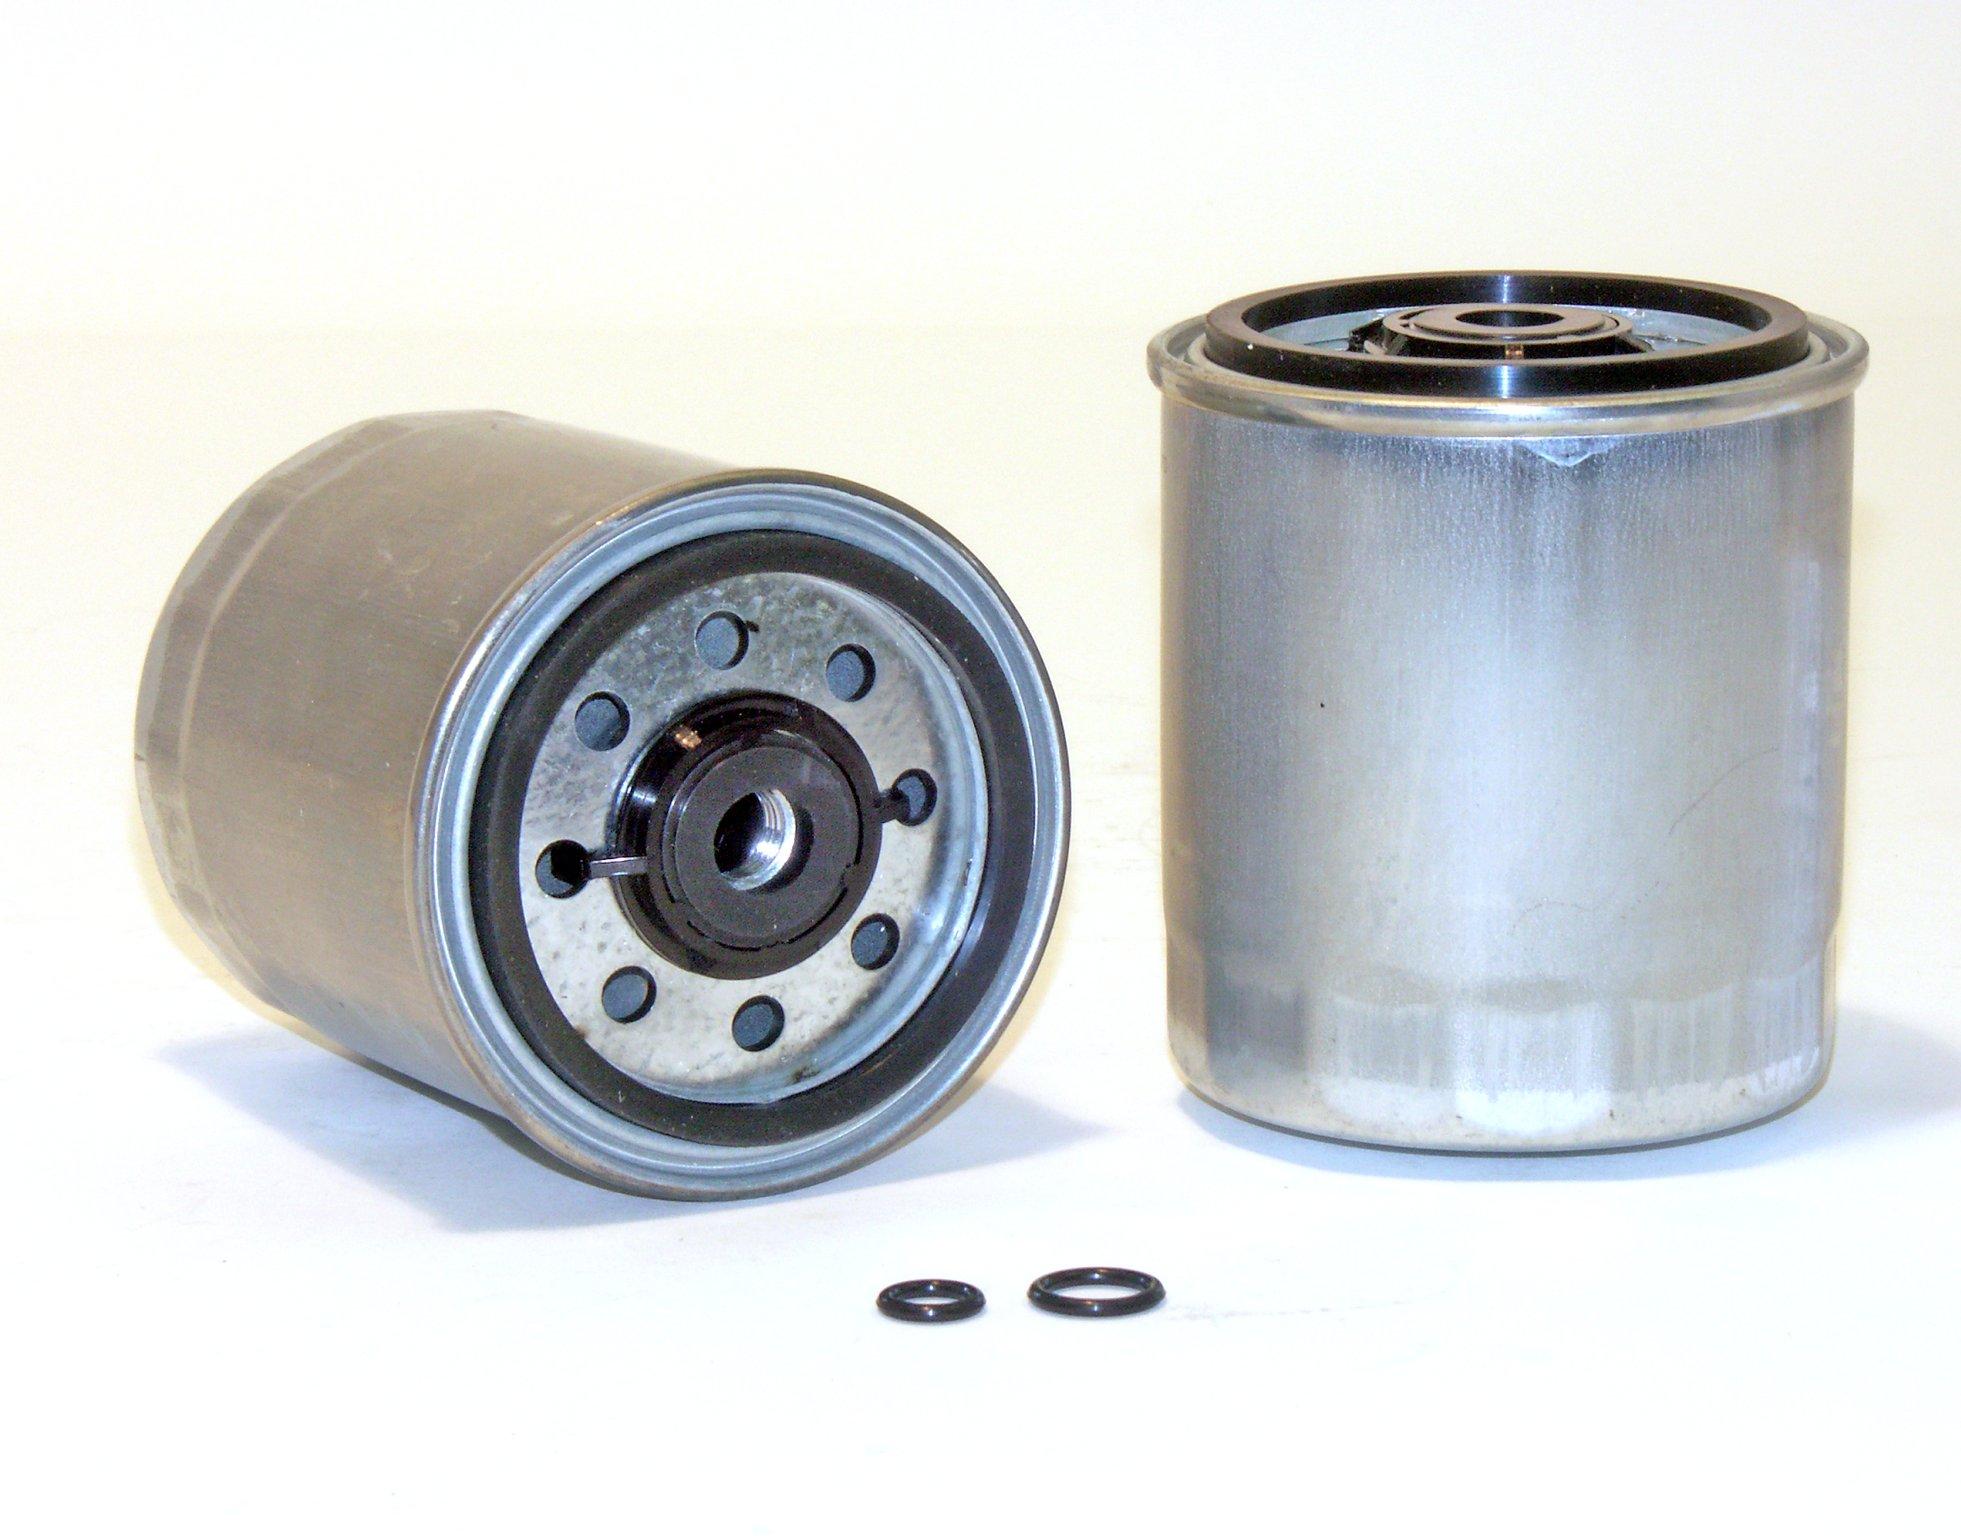 1987 Mercedes-Benz 300SDL Fuel Filter WF 33152